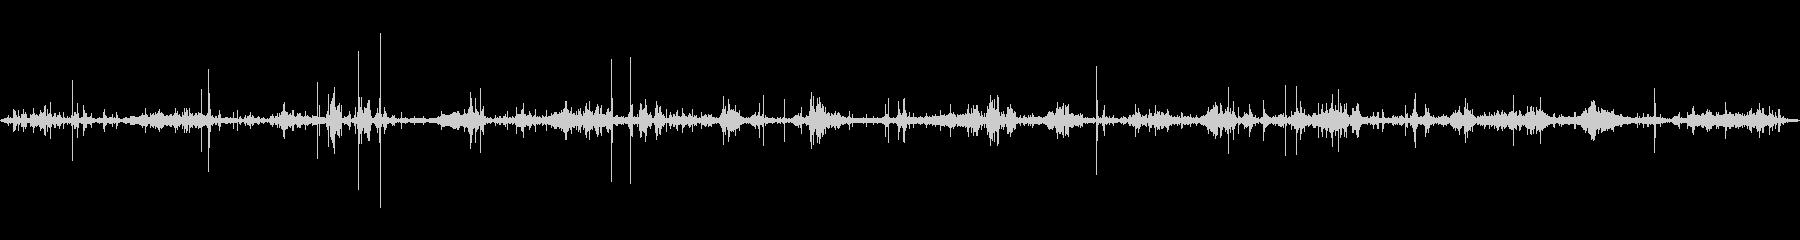 波の音~ペチャペチャ音3 癒し【生録音】の未再生の波形